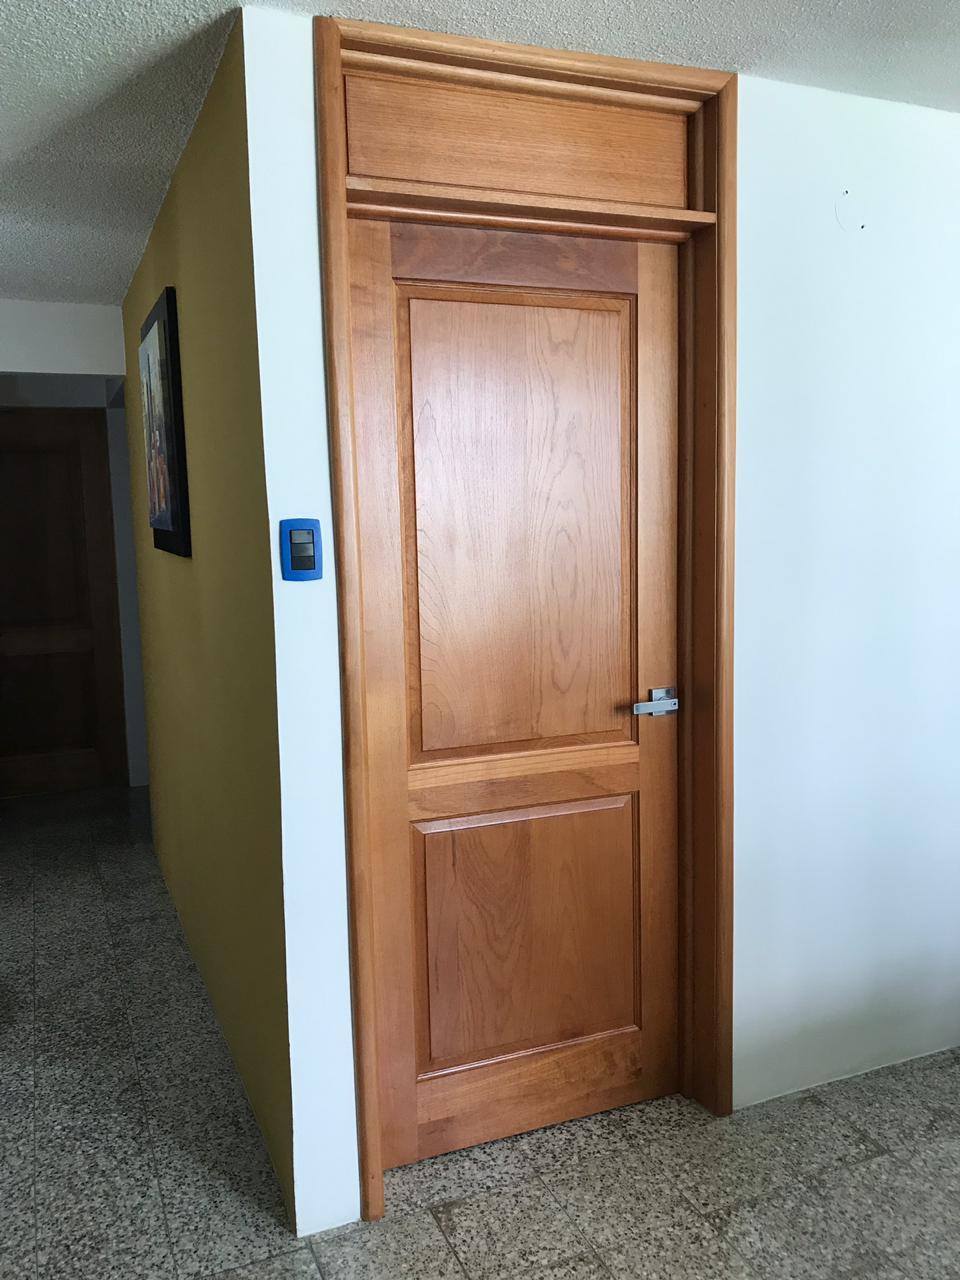 Instalaciones en carpinteria adomicilio